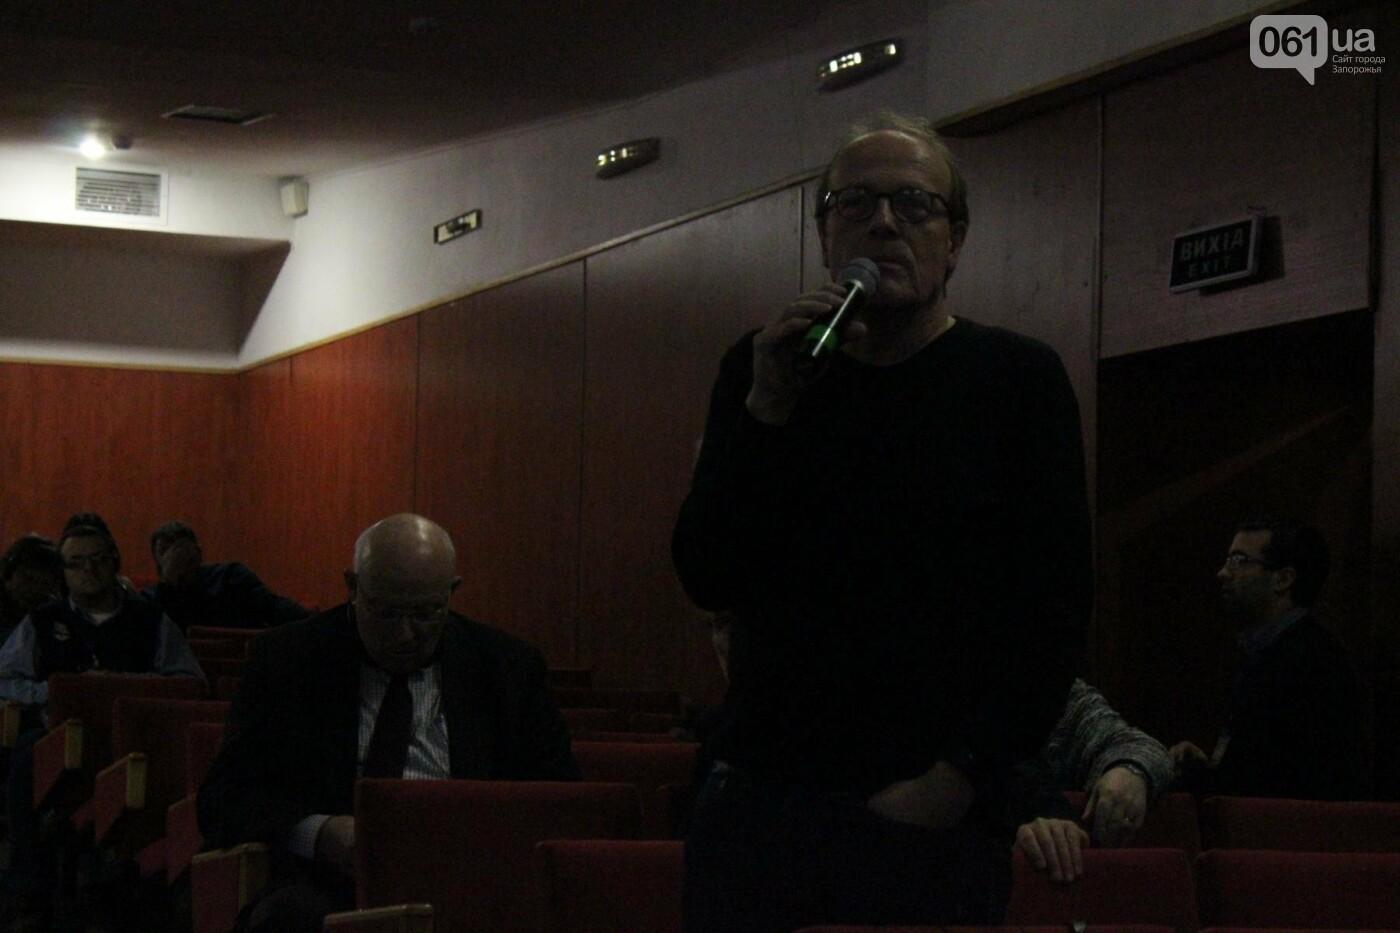 Спасти Соцгород: немецкие и украинские архитекторы подписали резолюцию для запорожской власти, - ФОТОРЕПОРТАЖ, фото-18